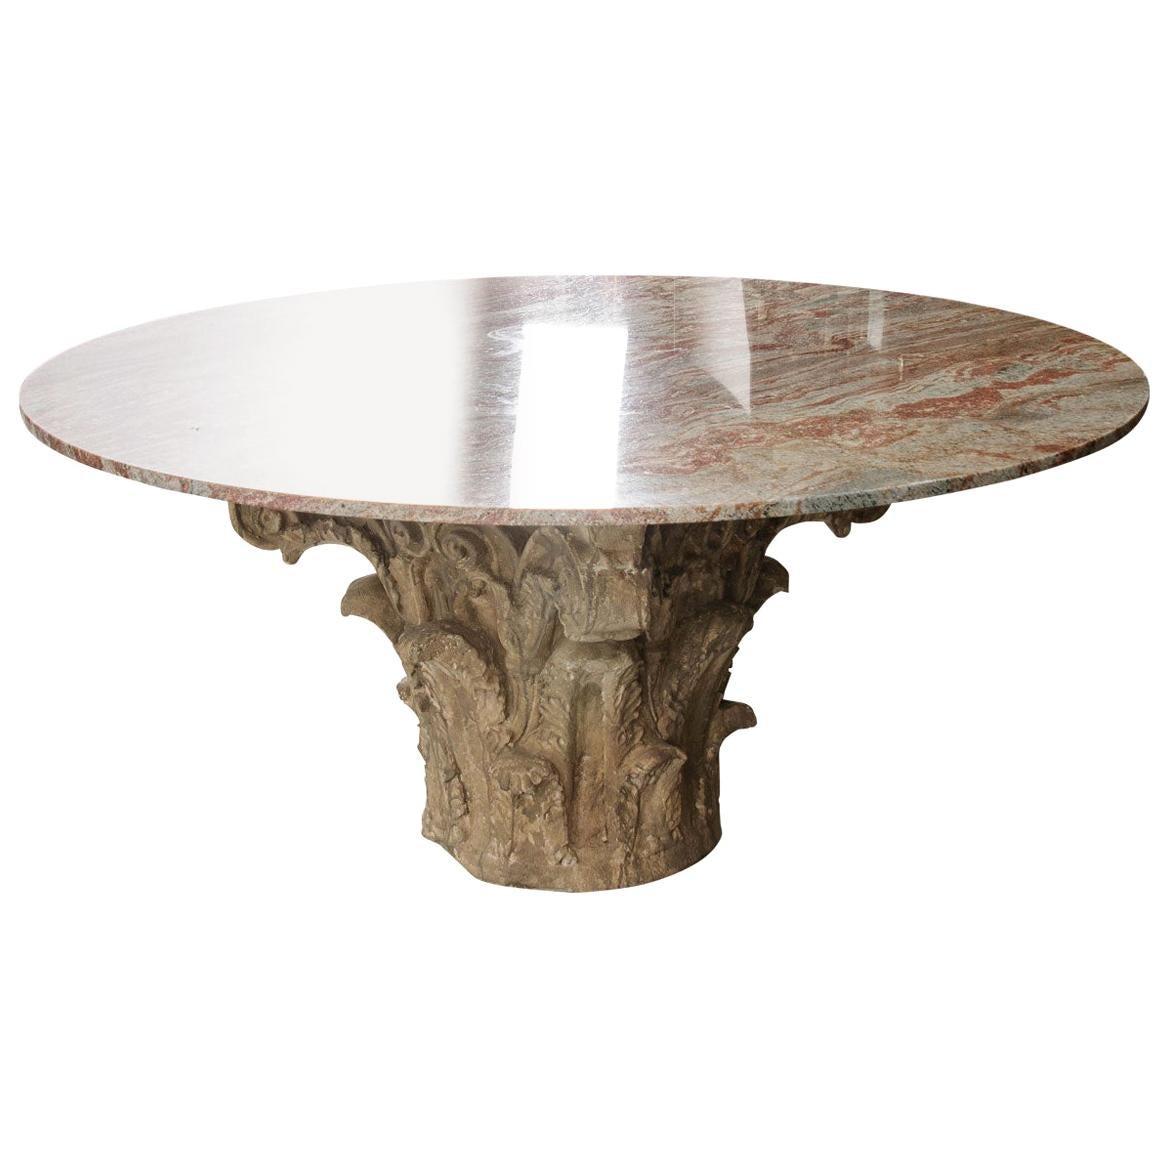 French Antique Cast Concrete Table Base